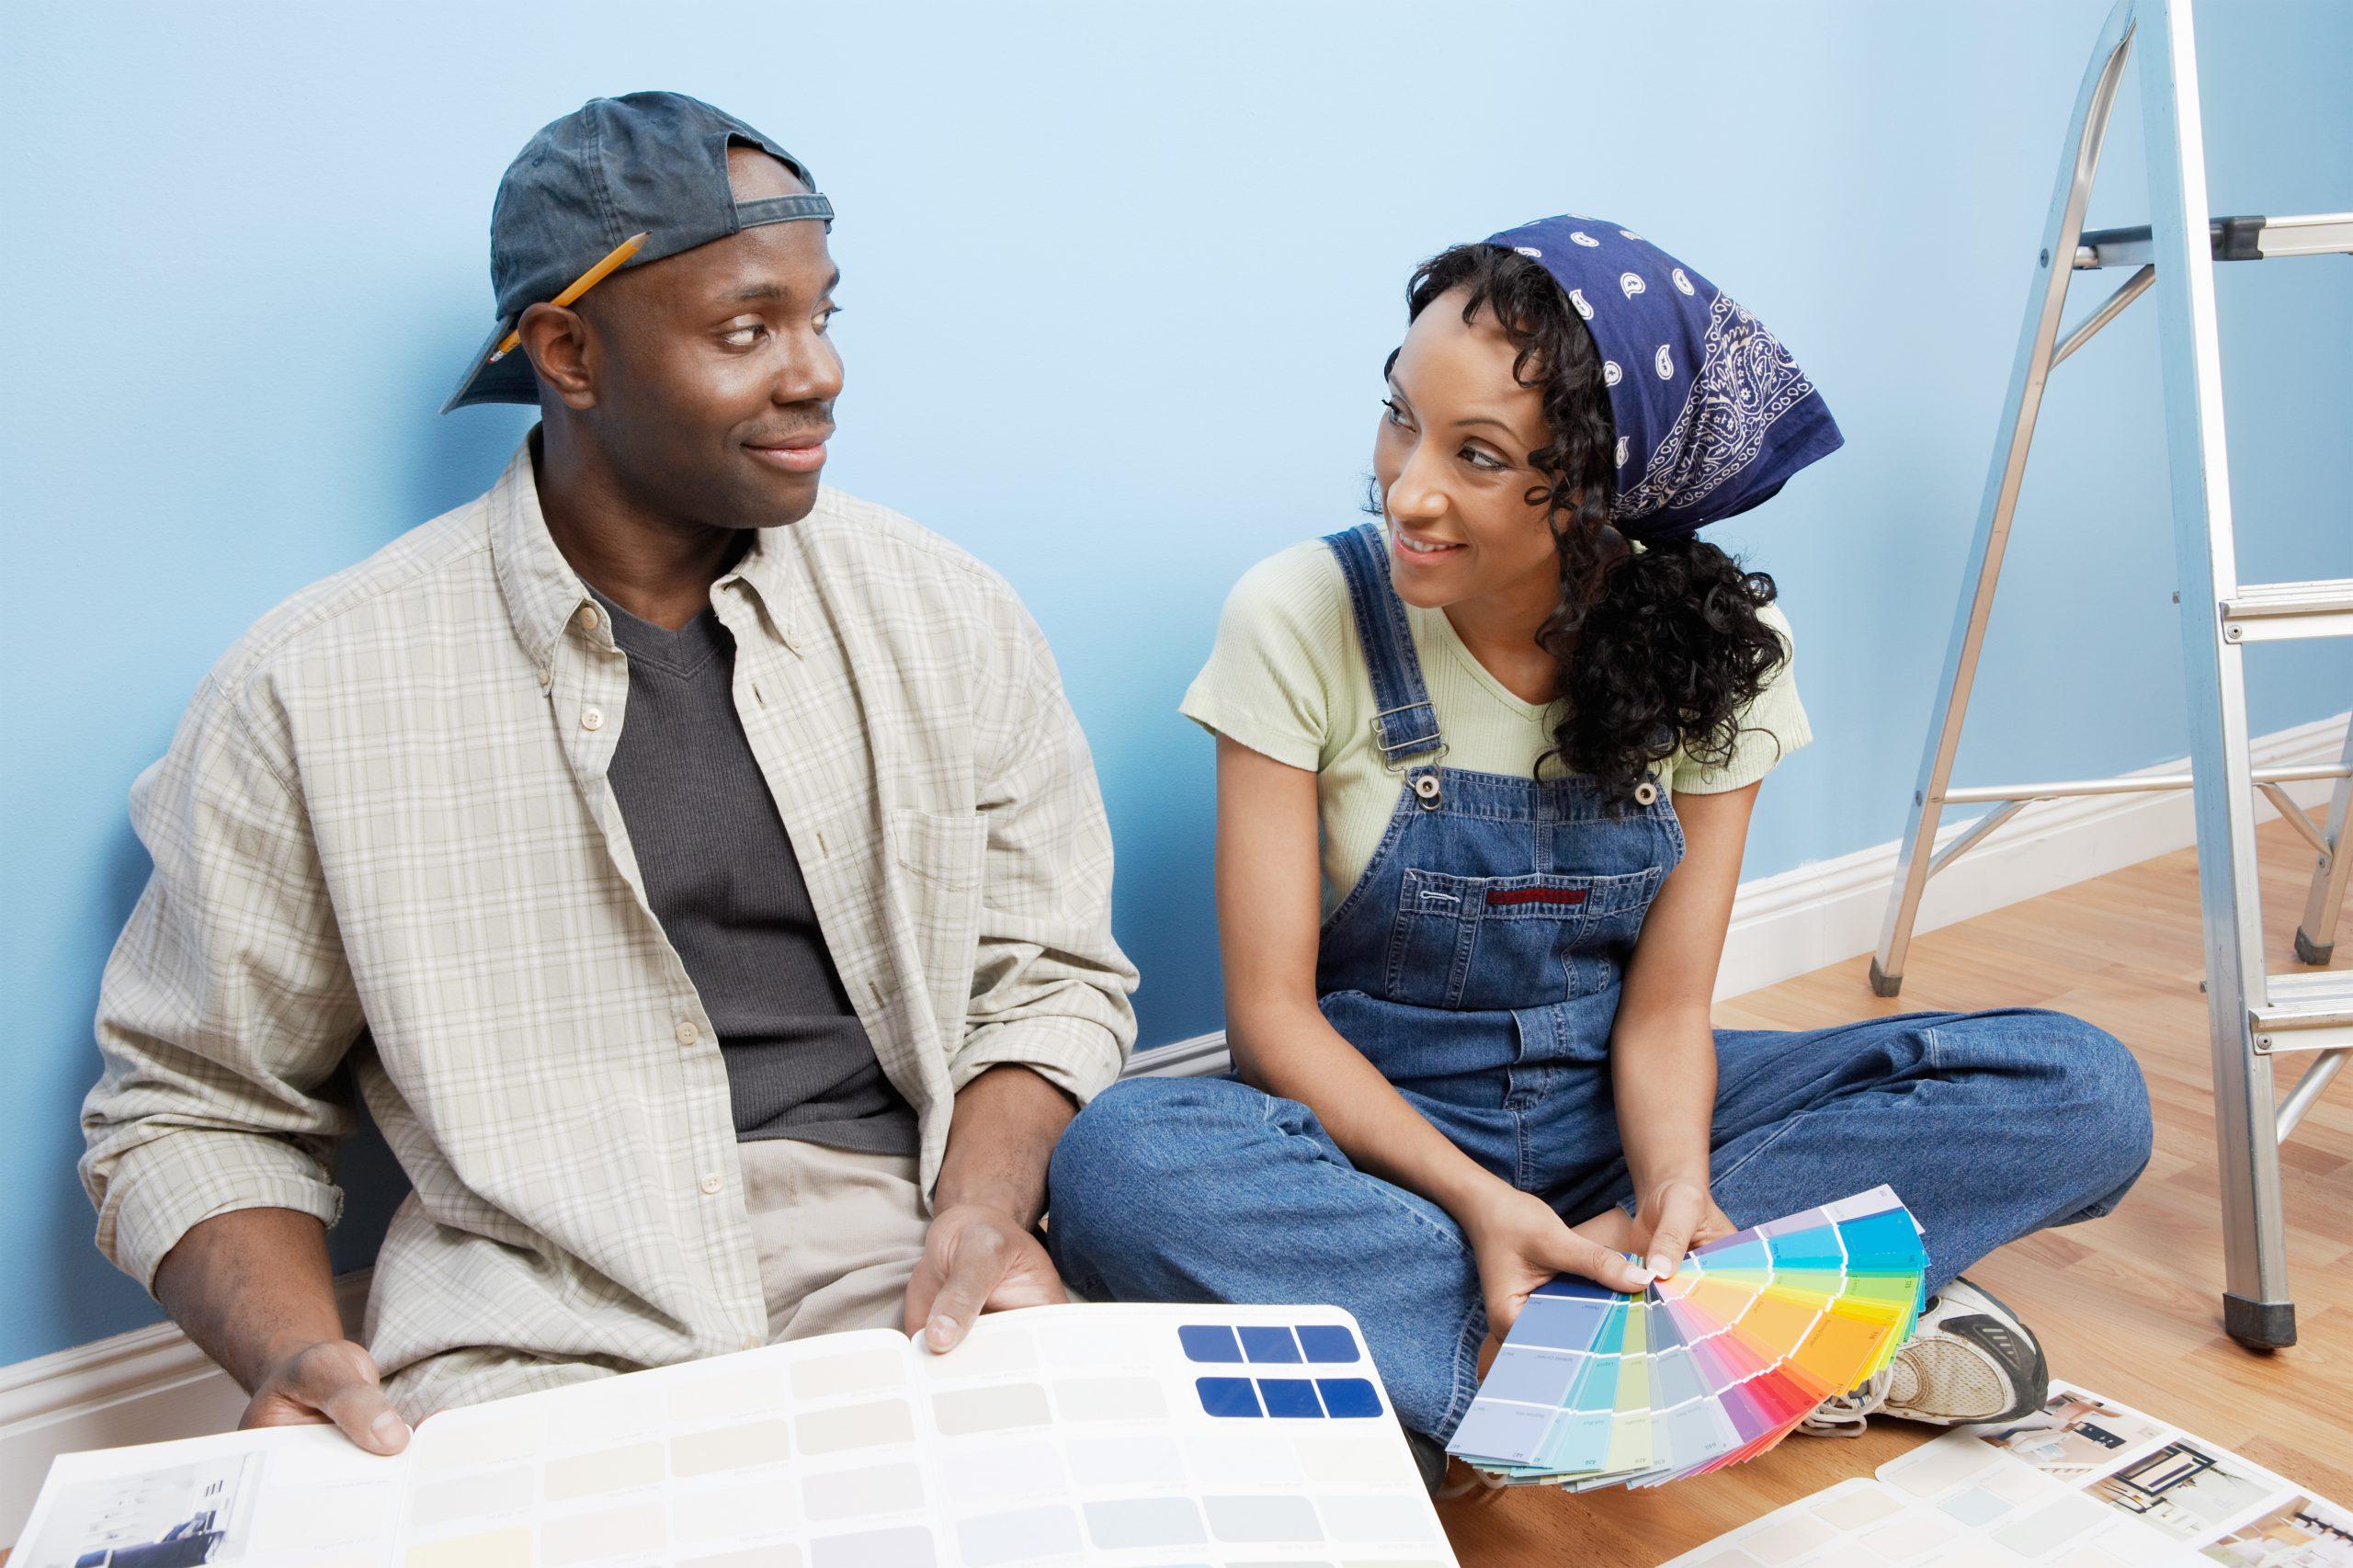 Finding suitable Israelites